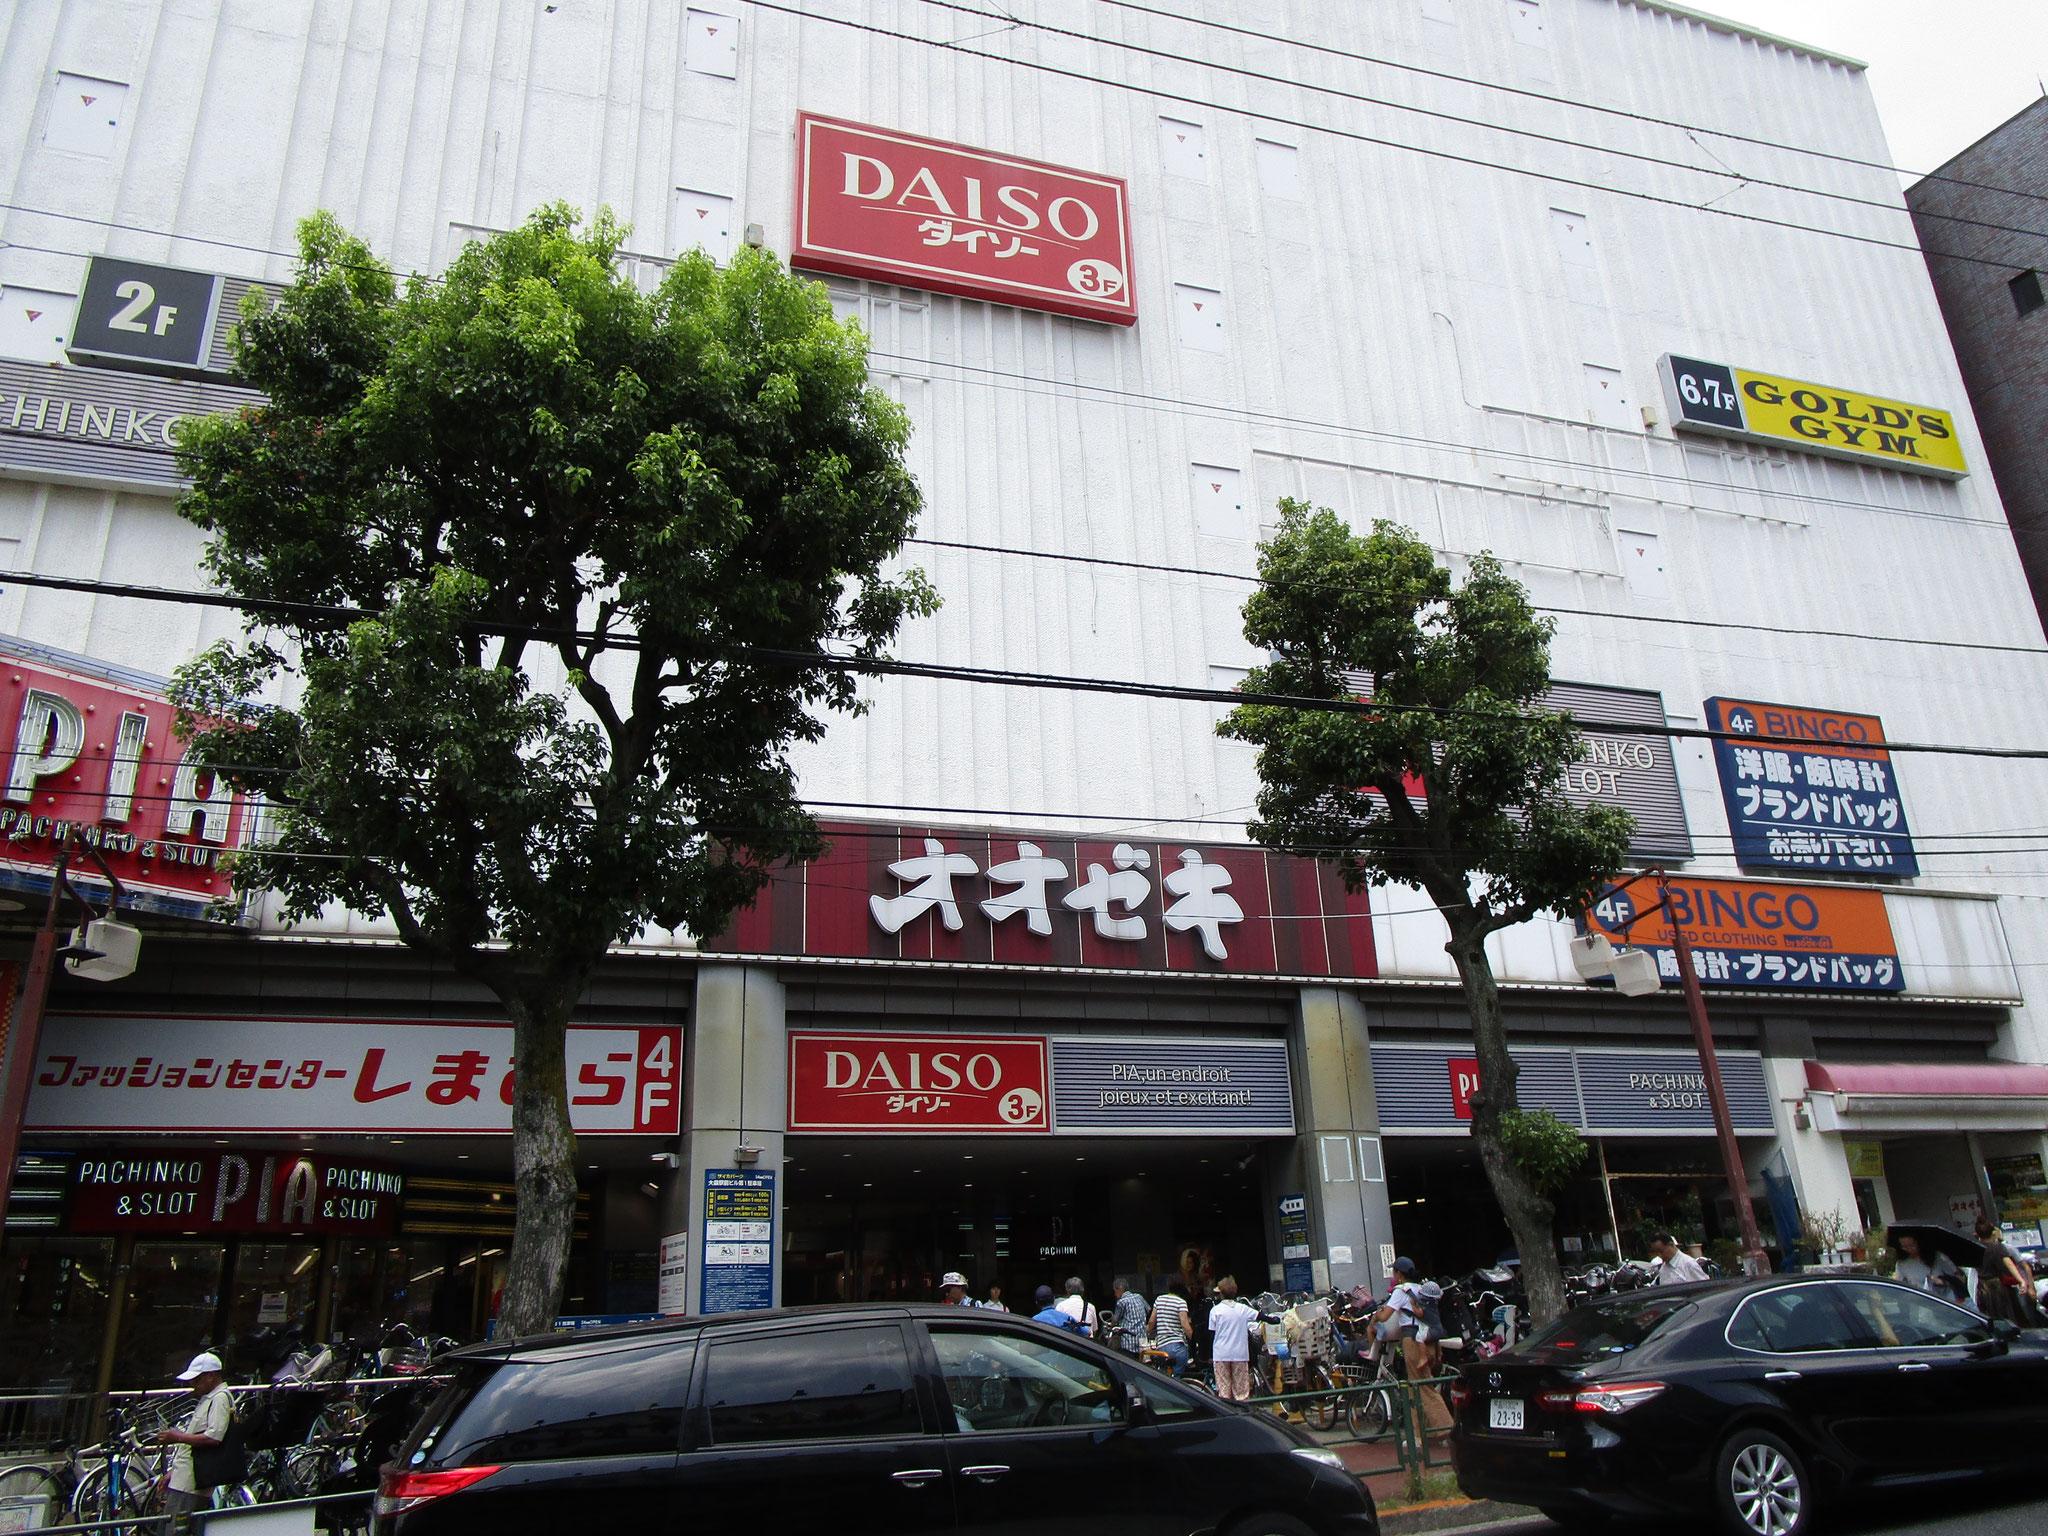 駅から北方向、直ぐにスーパーマーケット等が入ったビルがあります